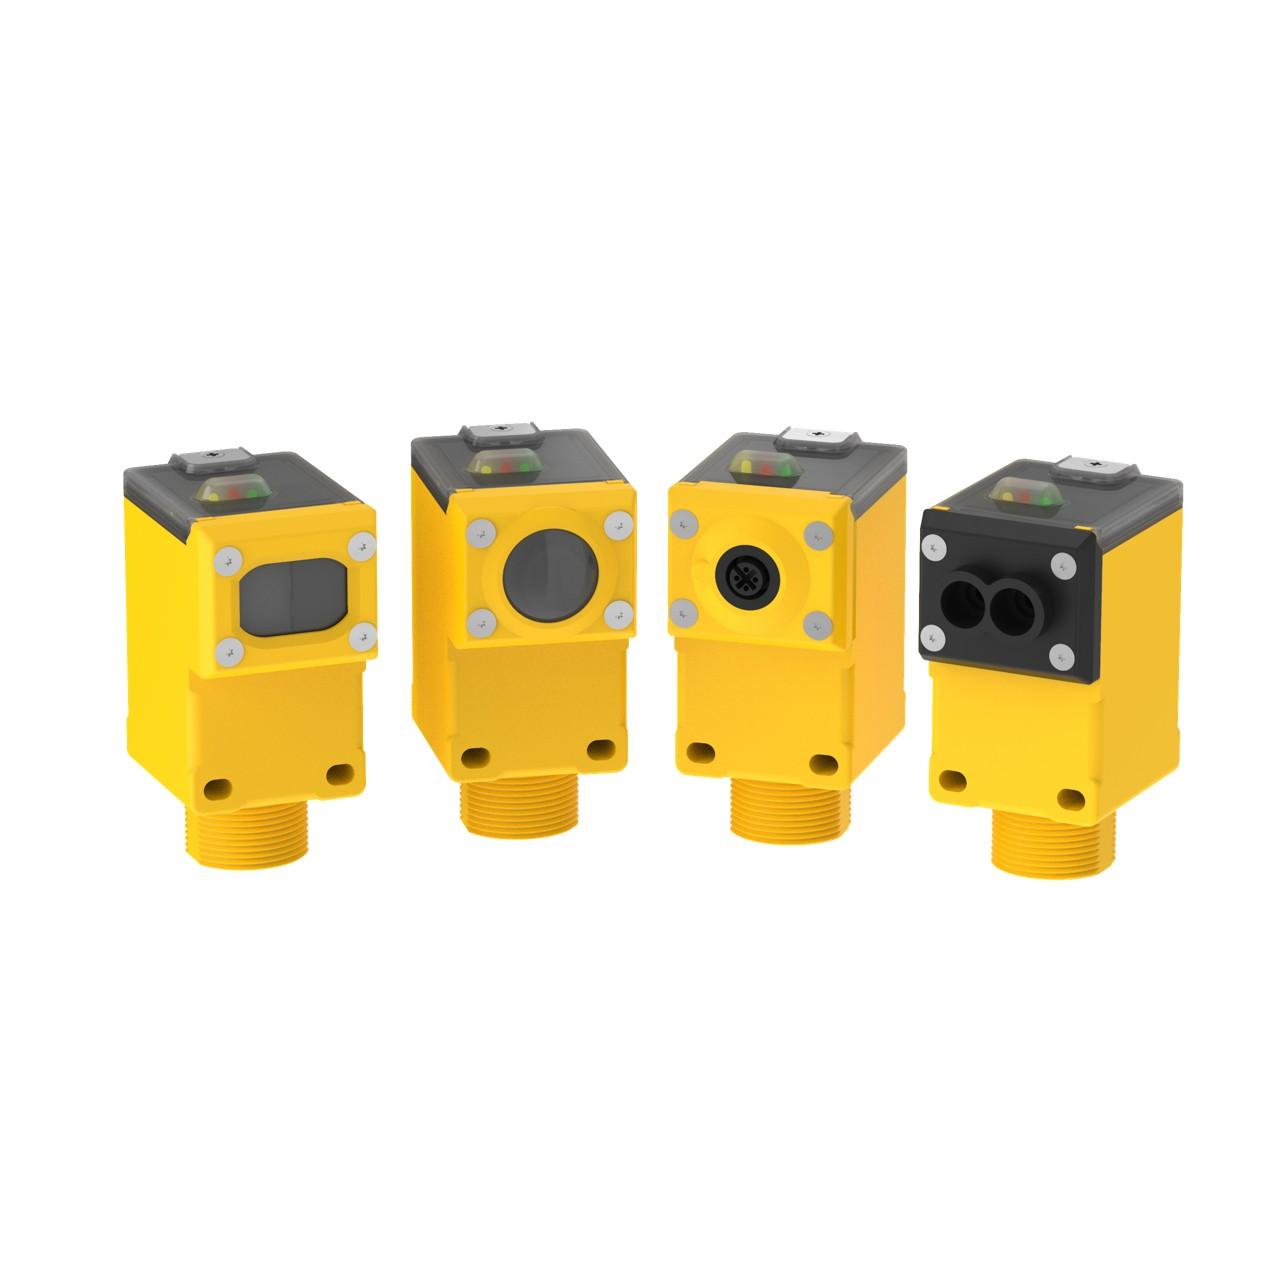 sensori Q45 ultrasonic